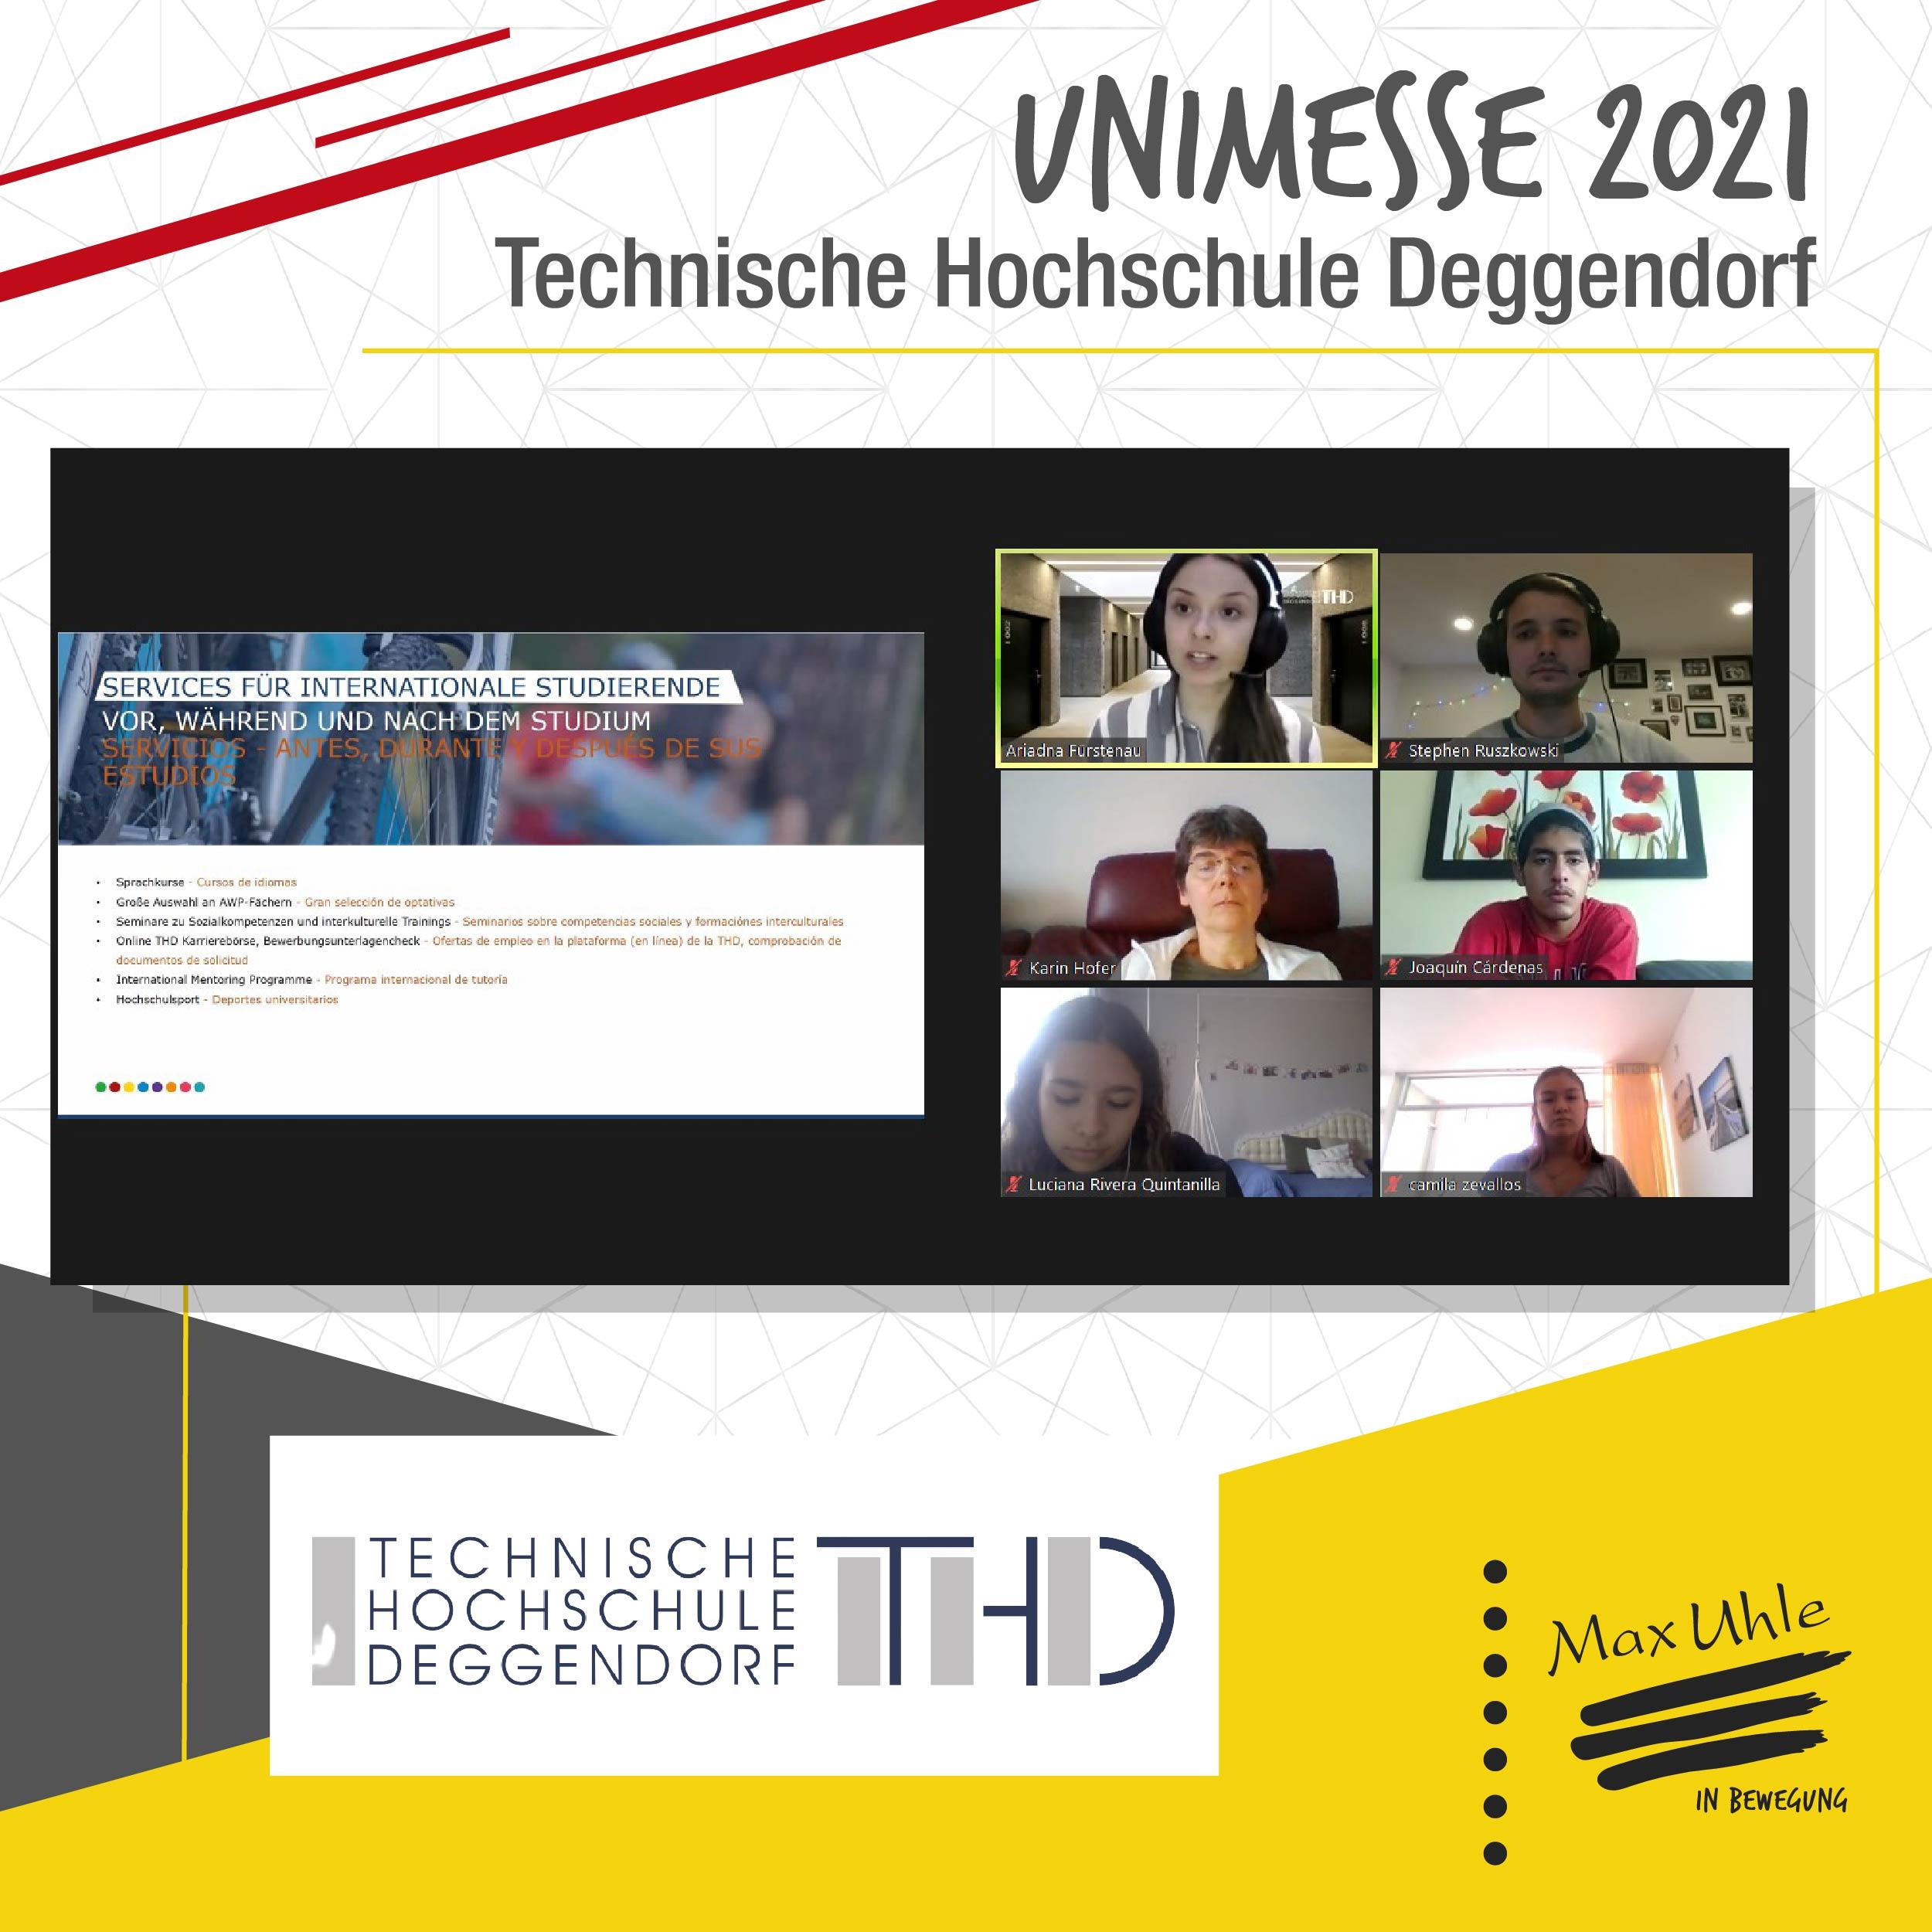 THD - Unimesse 2021 Colegio Max Uhle